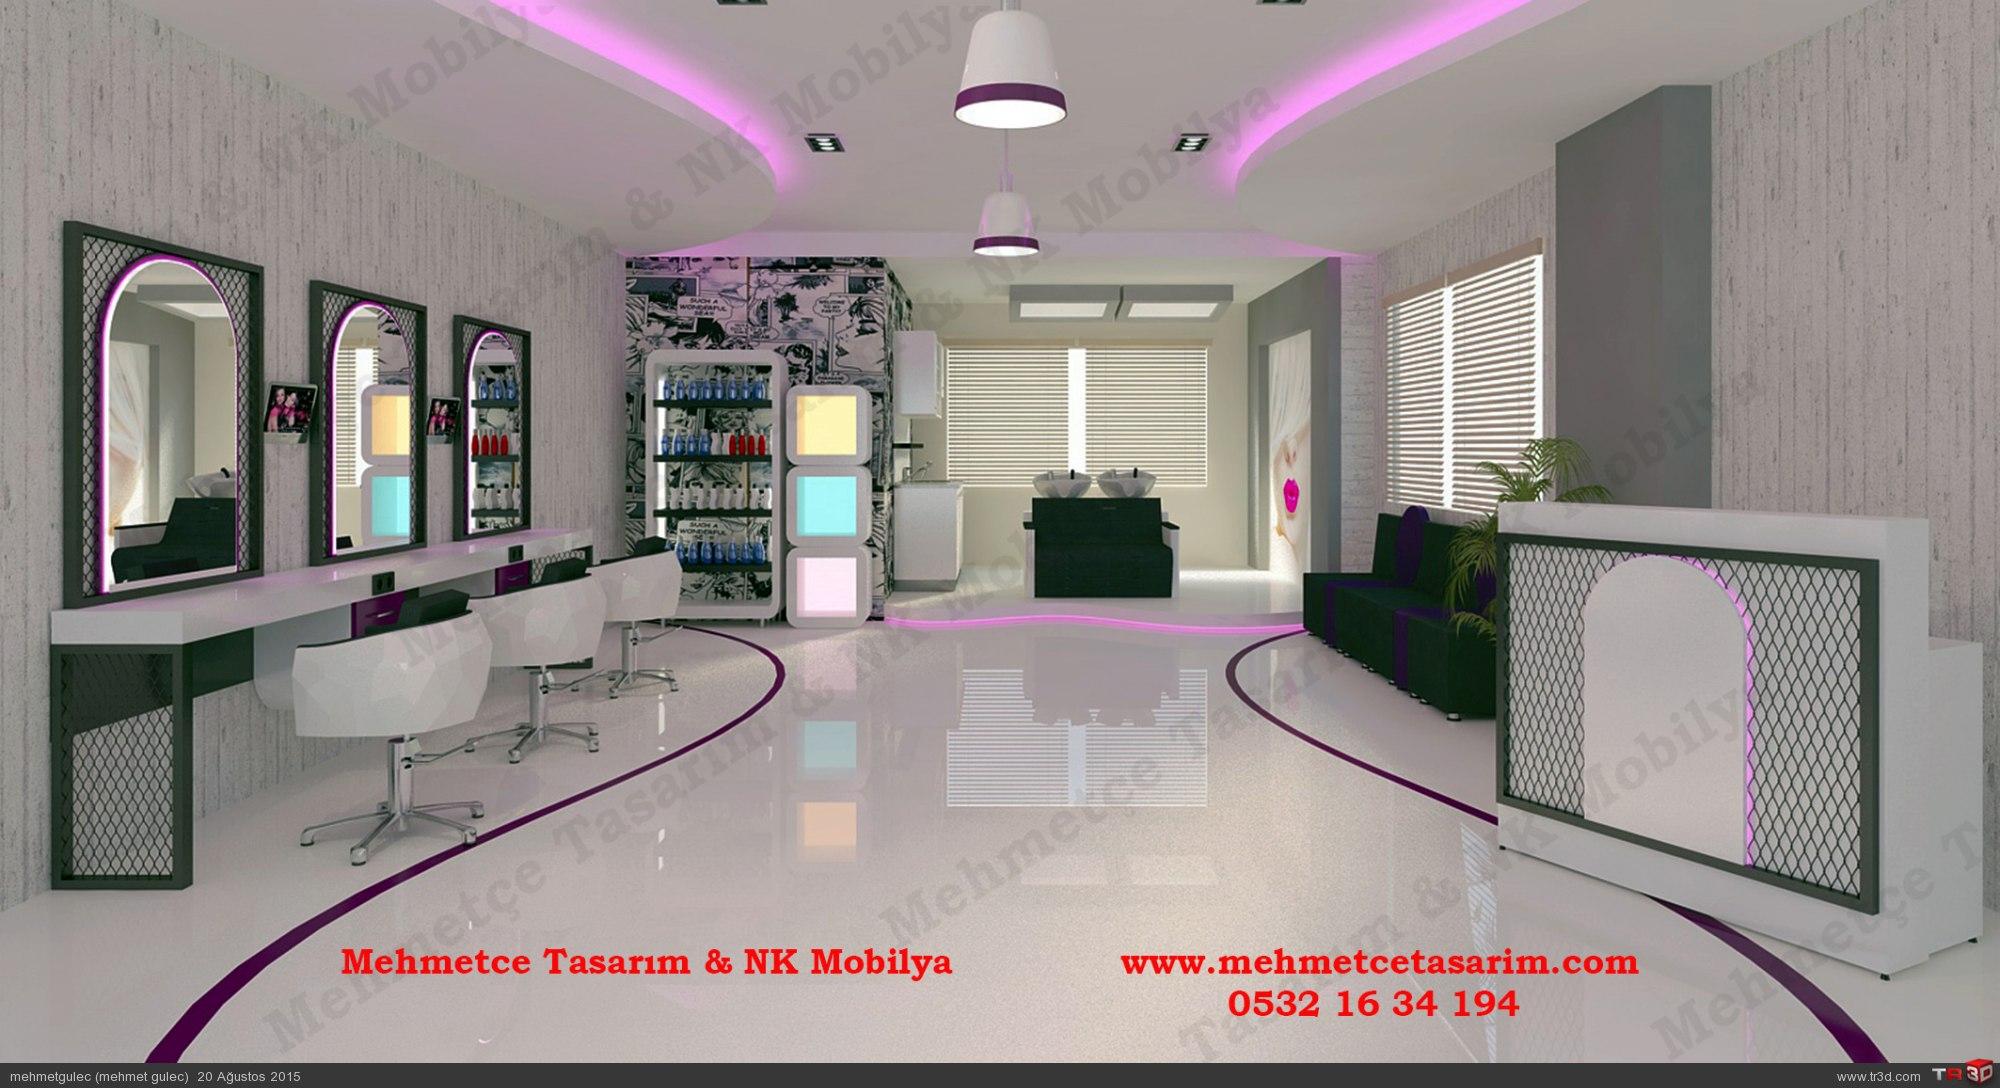 kuaför salonu tasarımları , kuaför salon projeleri , bayan kesim tezgahı , kuaför tezgahlari 2